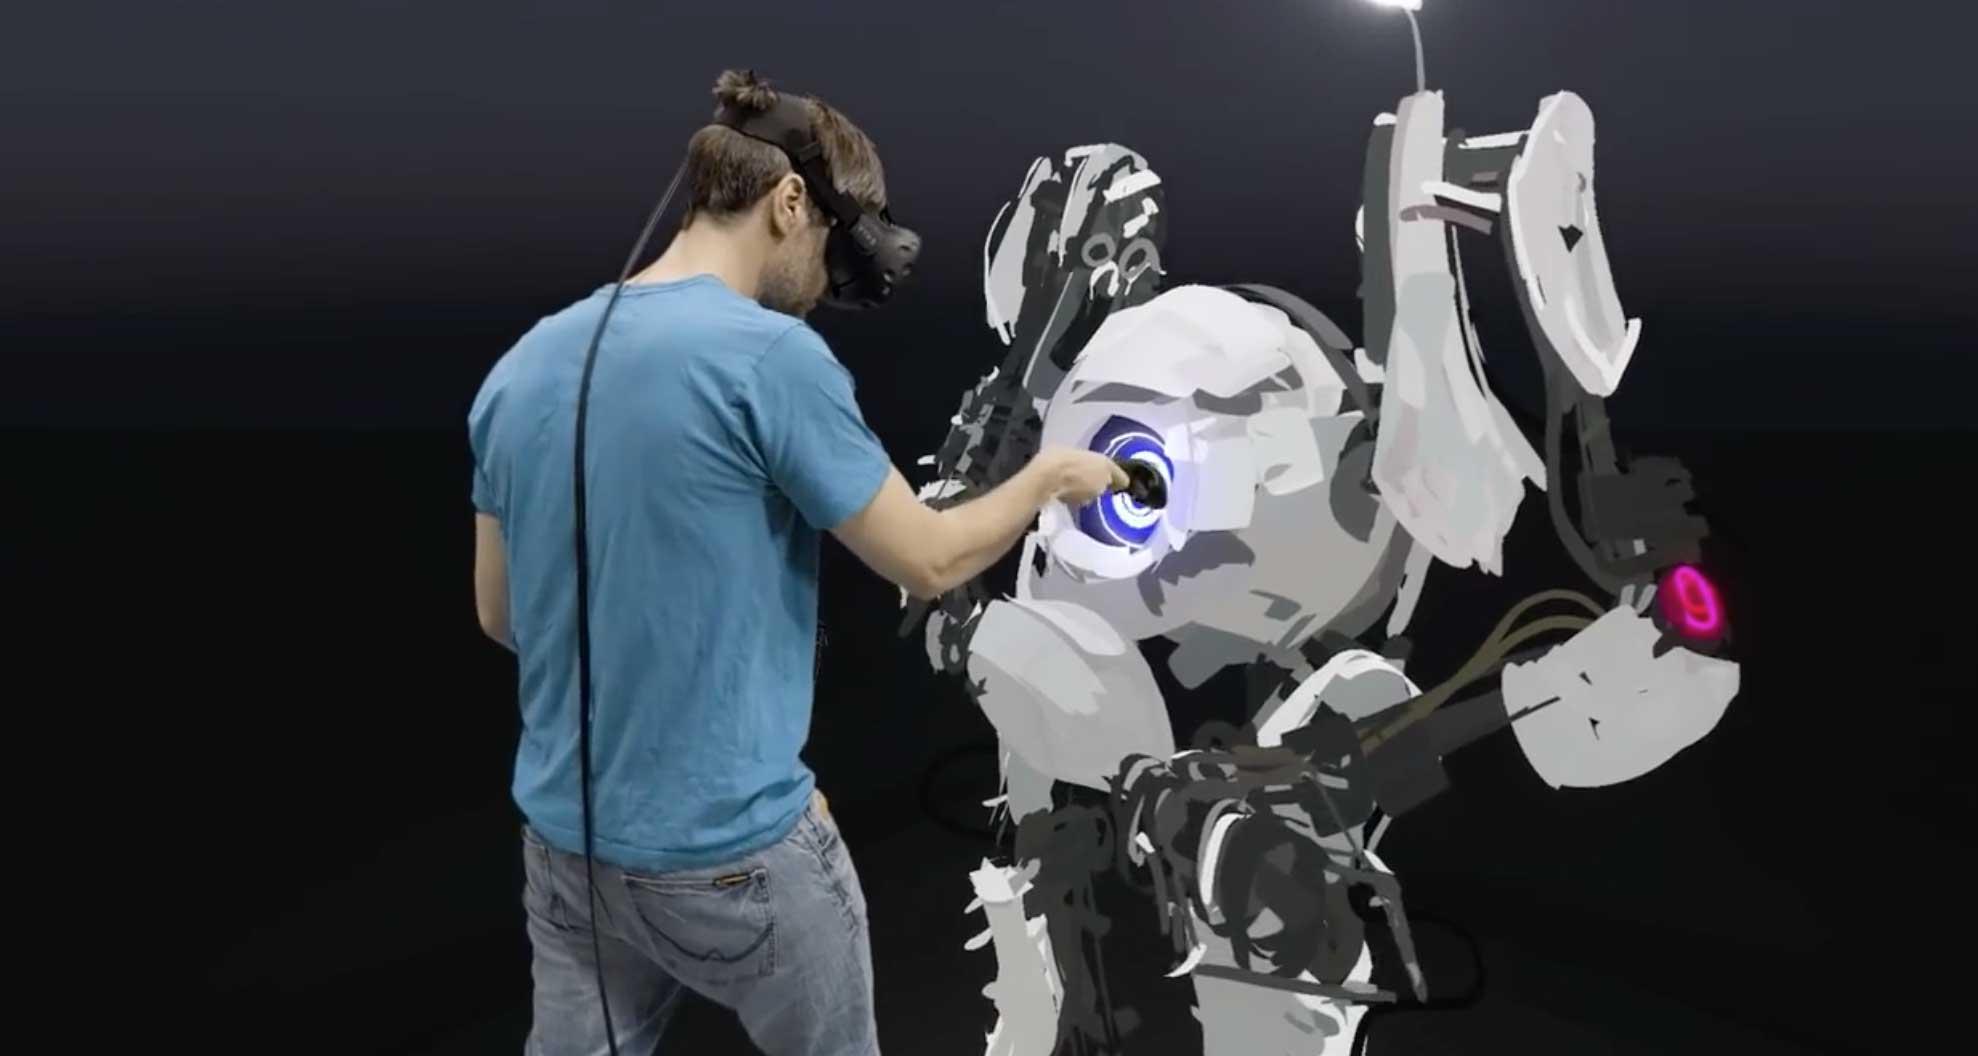 Entrevista Luis Ángel Alda - Wildbit VR